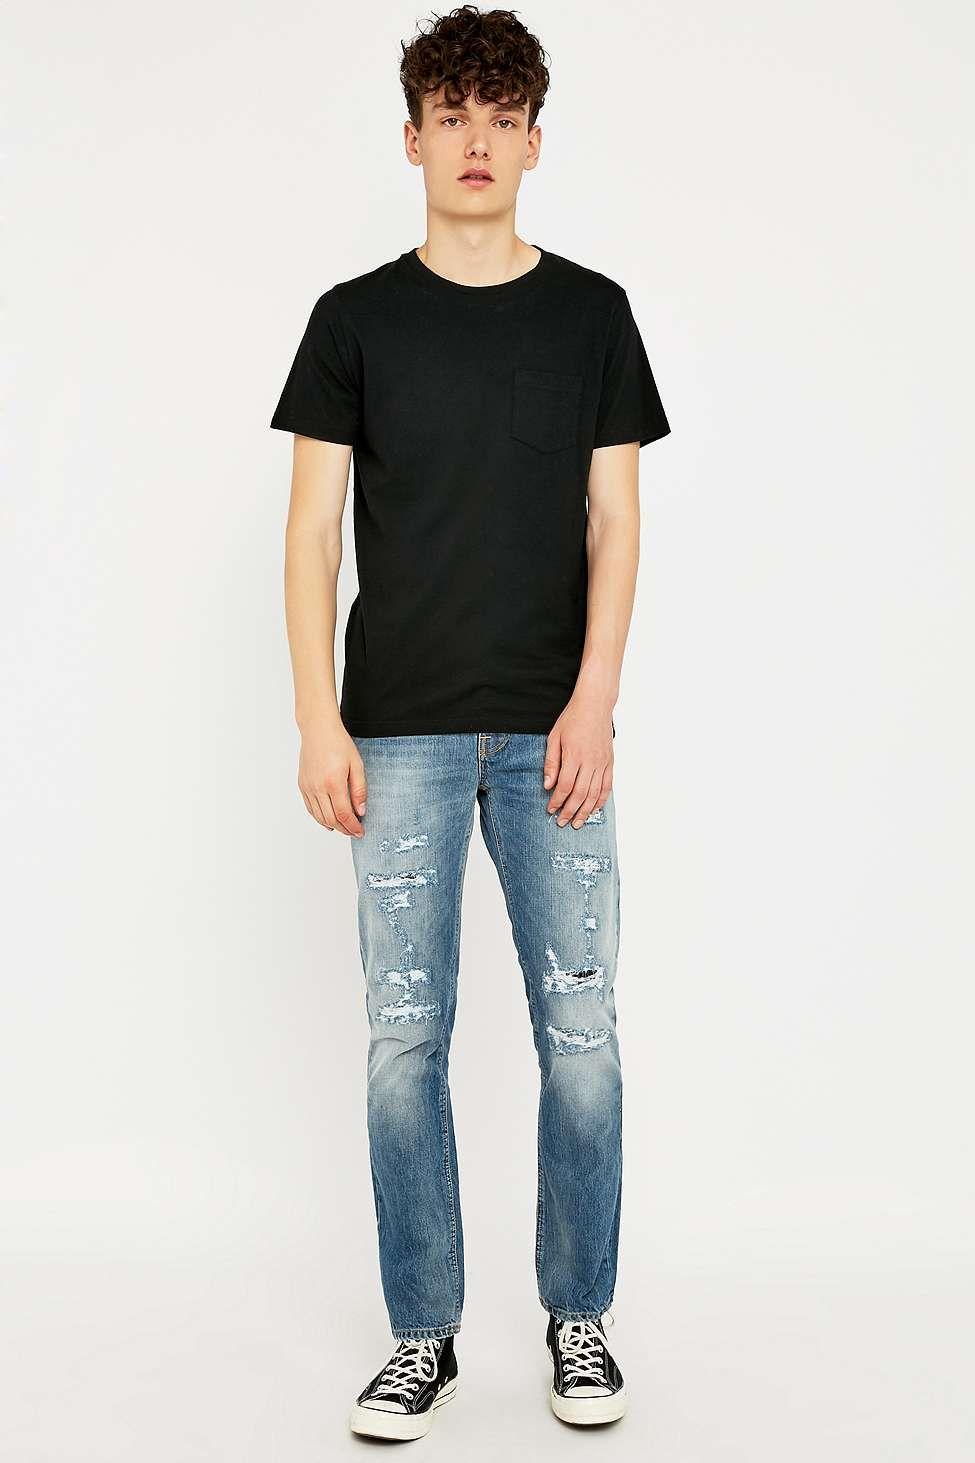 Nudie Jeans Grim Tim 22 Months Ripped Slim Fit Jeans